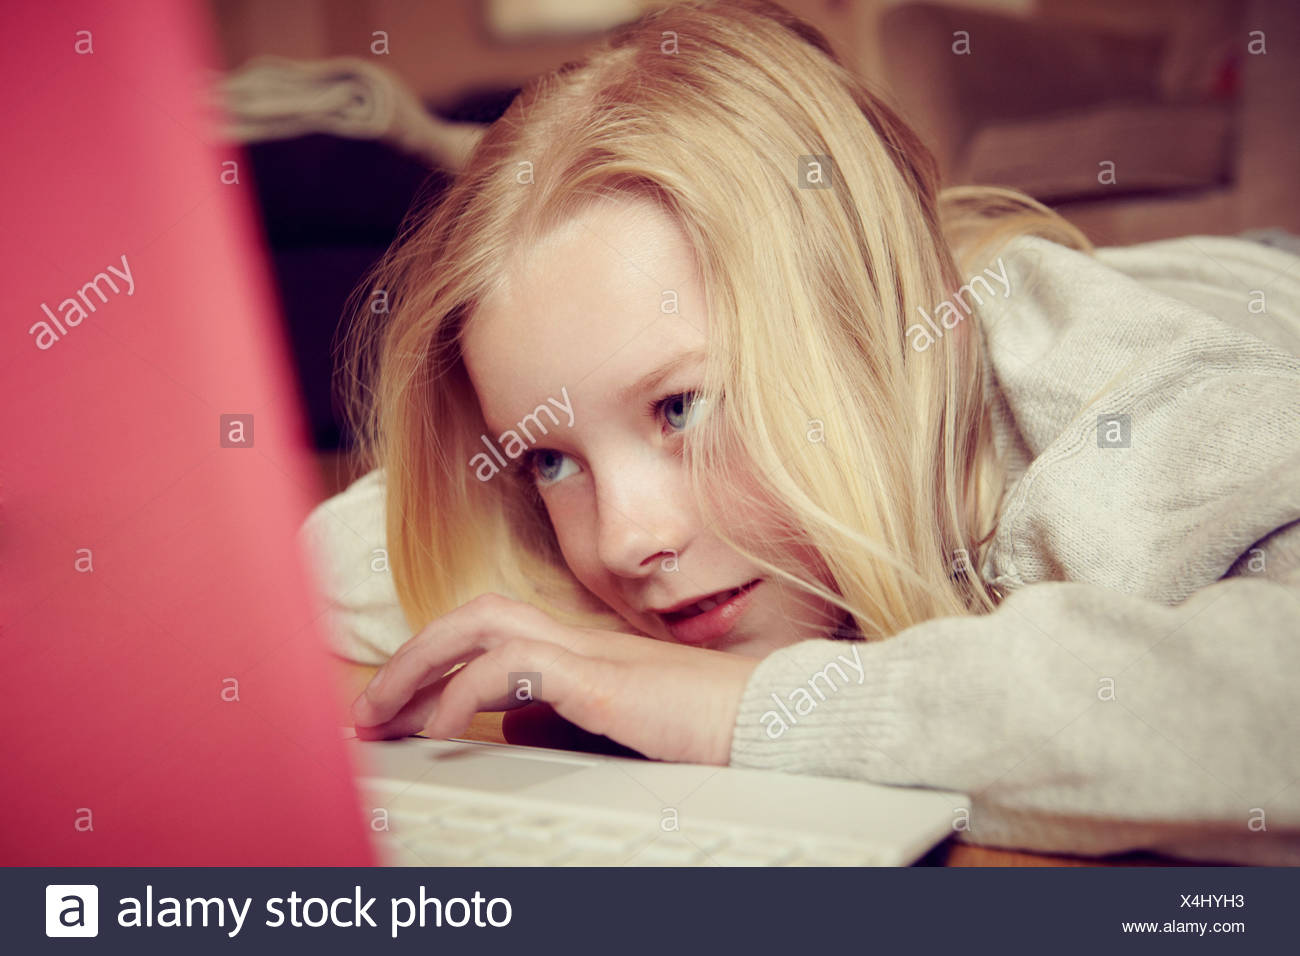 Ragazza giovane disteso sul pavimento con laptop Immagini Stock